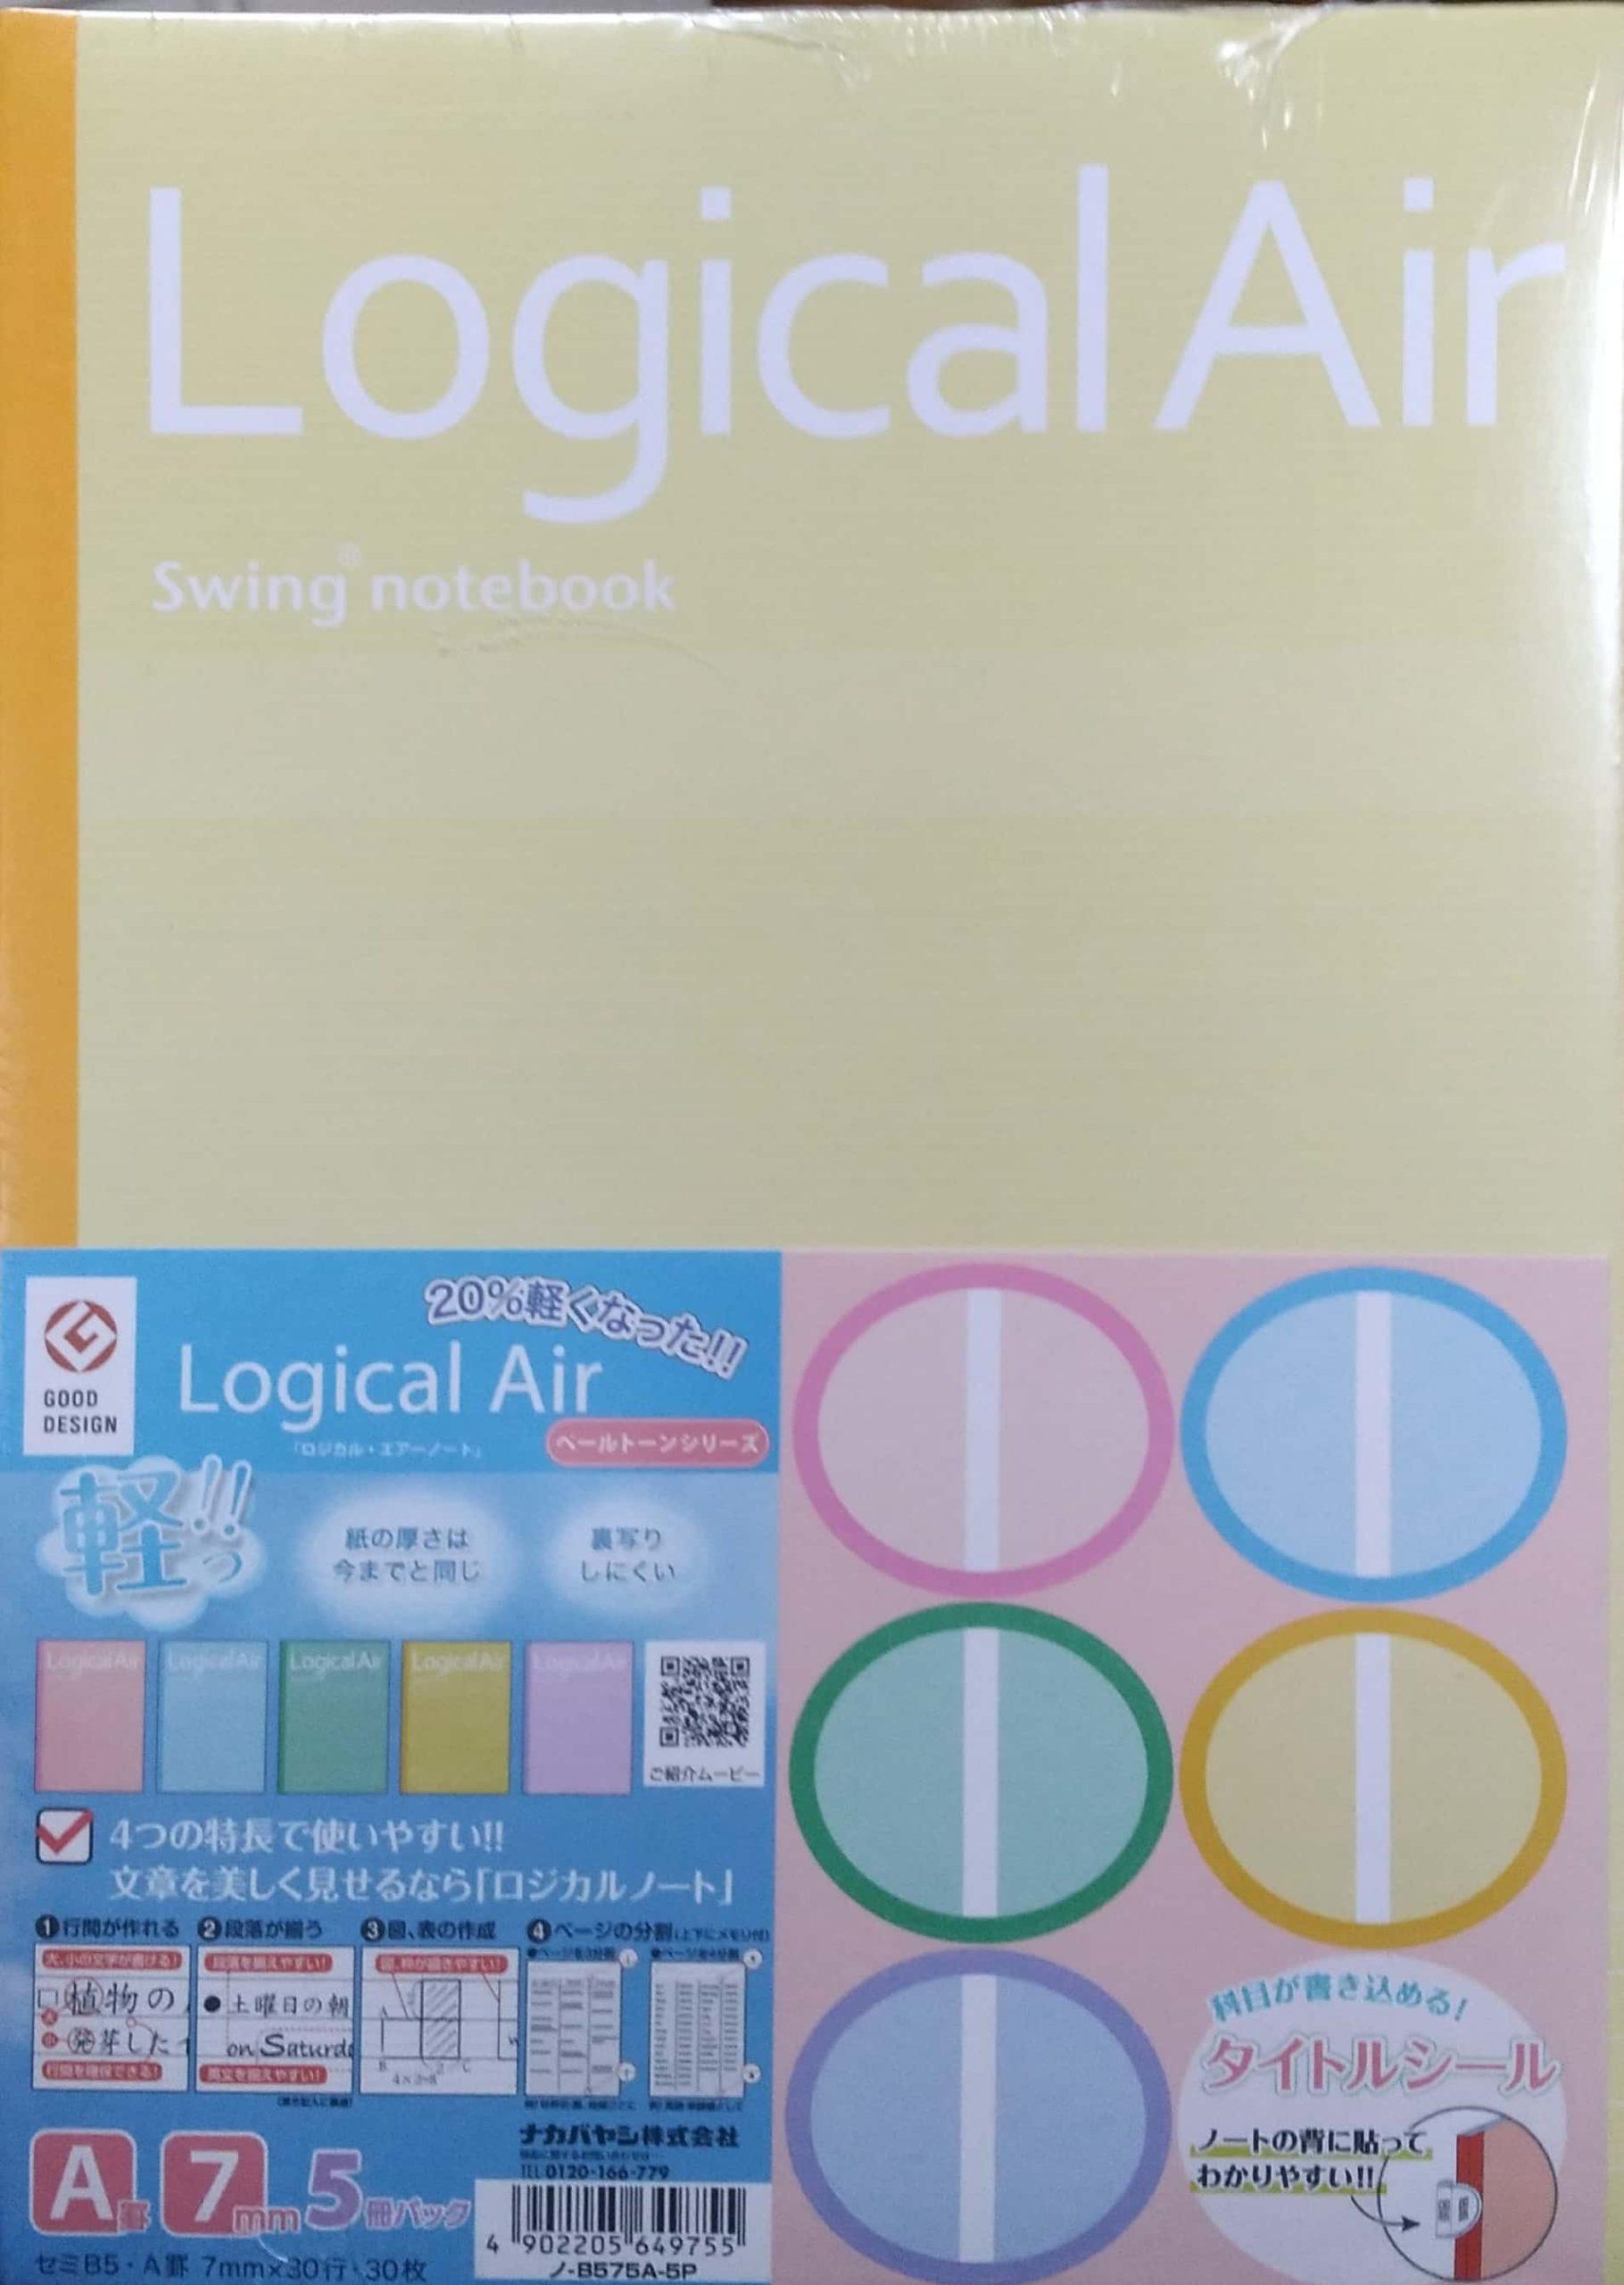 20%軽いノート「Logical Air」